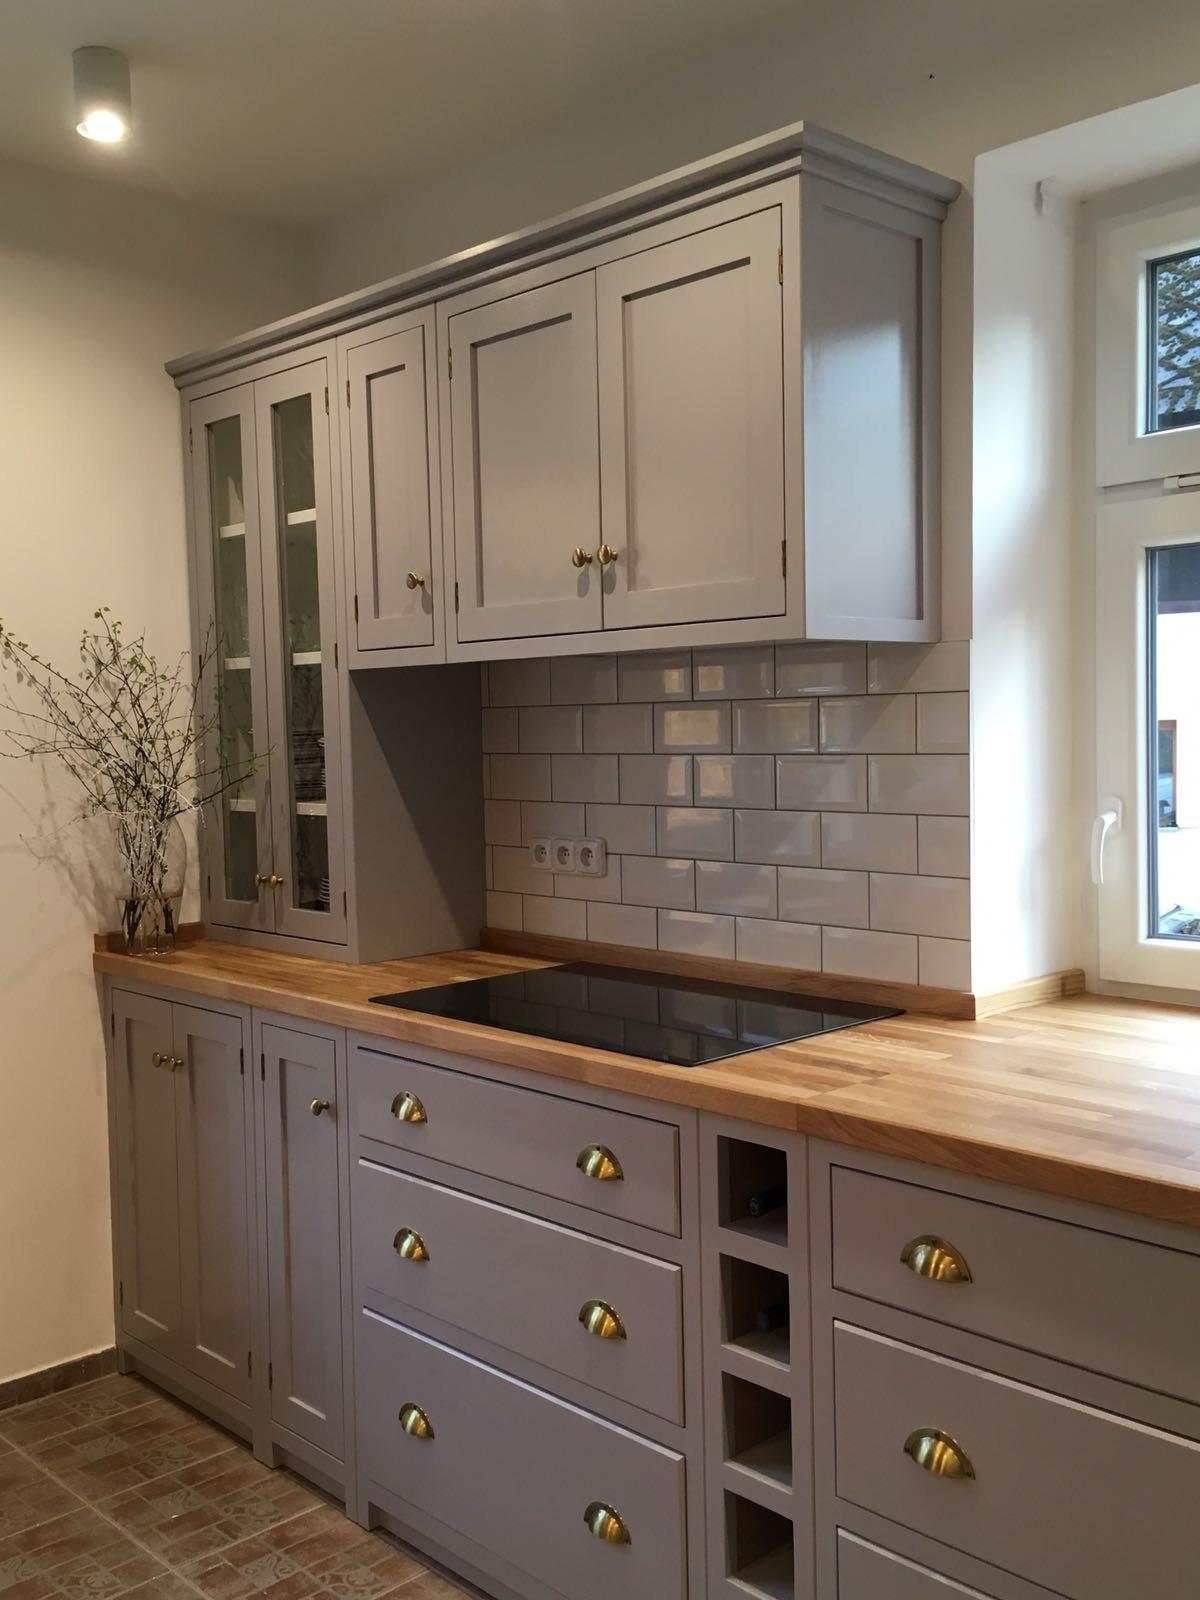 Pro našeho klienta jsme navrhli a vyrobili kuchyni v anglickém stylu. Kuchyně je ručněvyrobena z masivního tvrdého dřeva a ručně natřena. Pracovní deska…